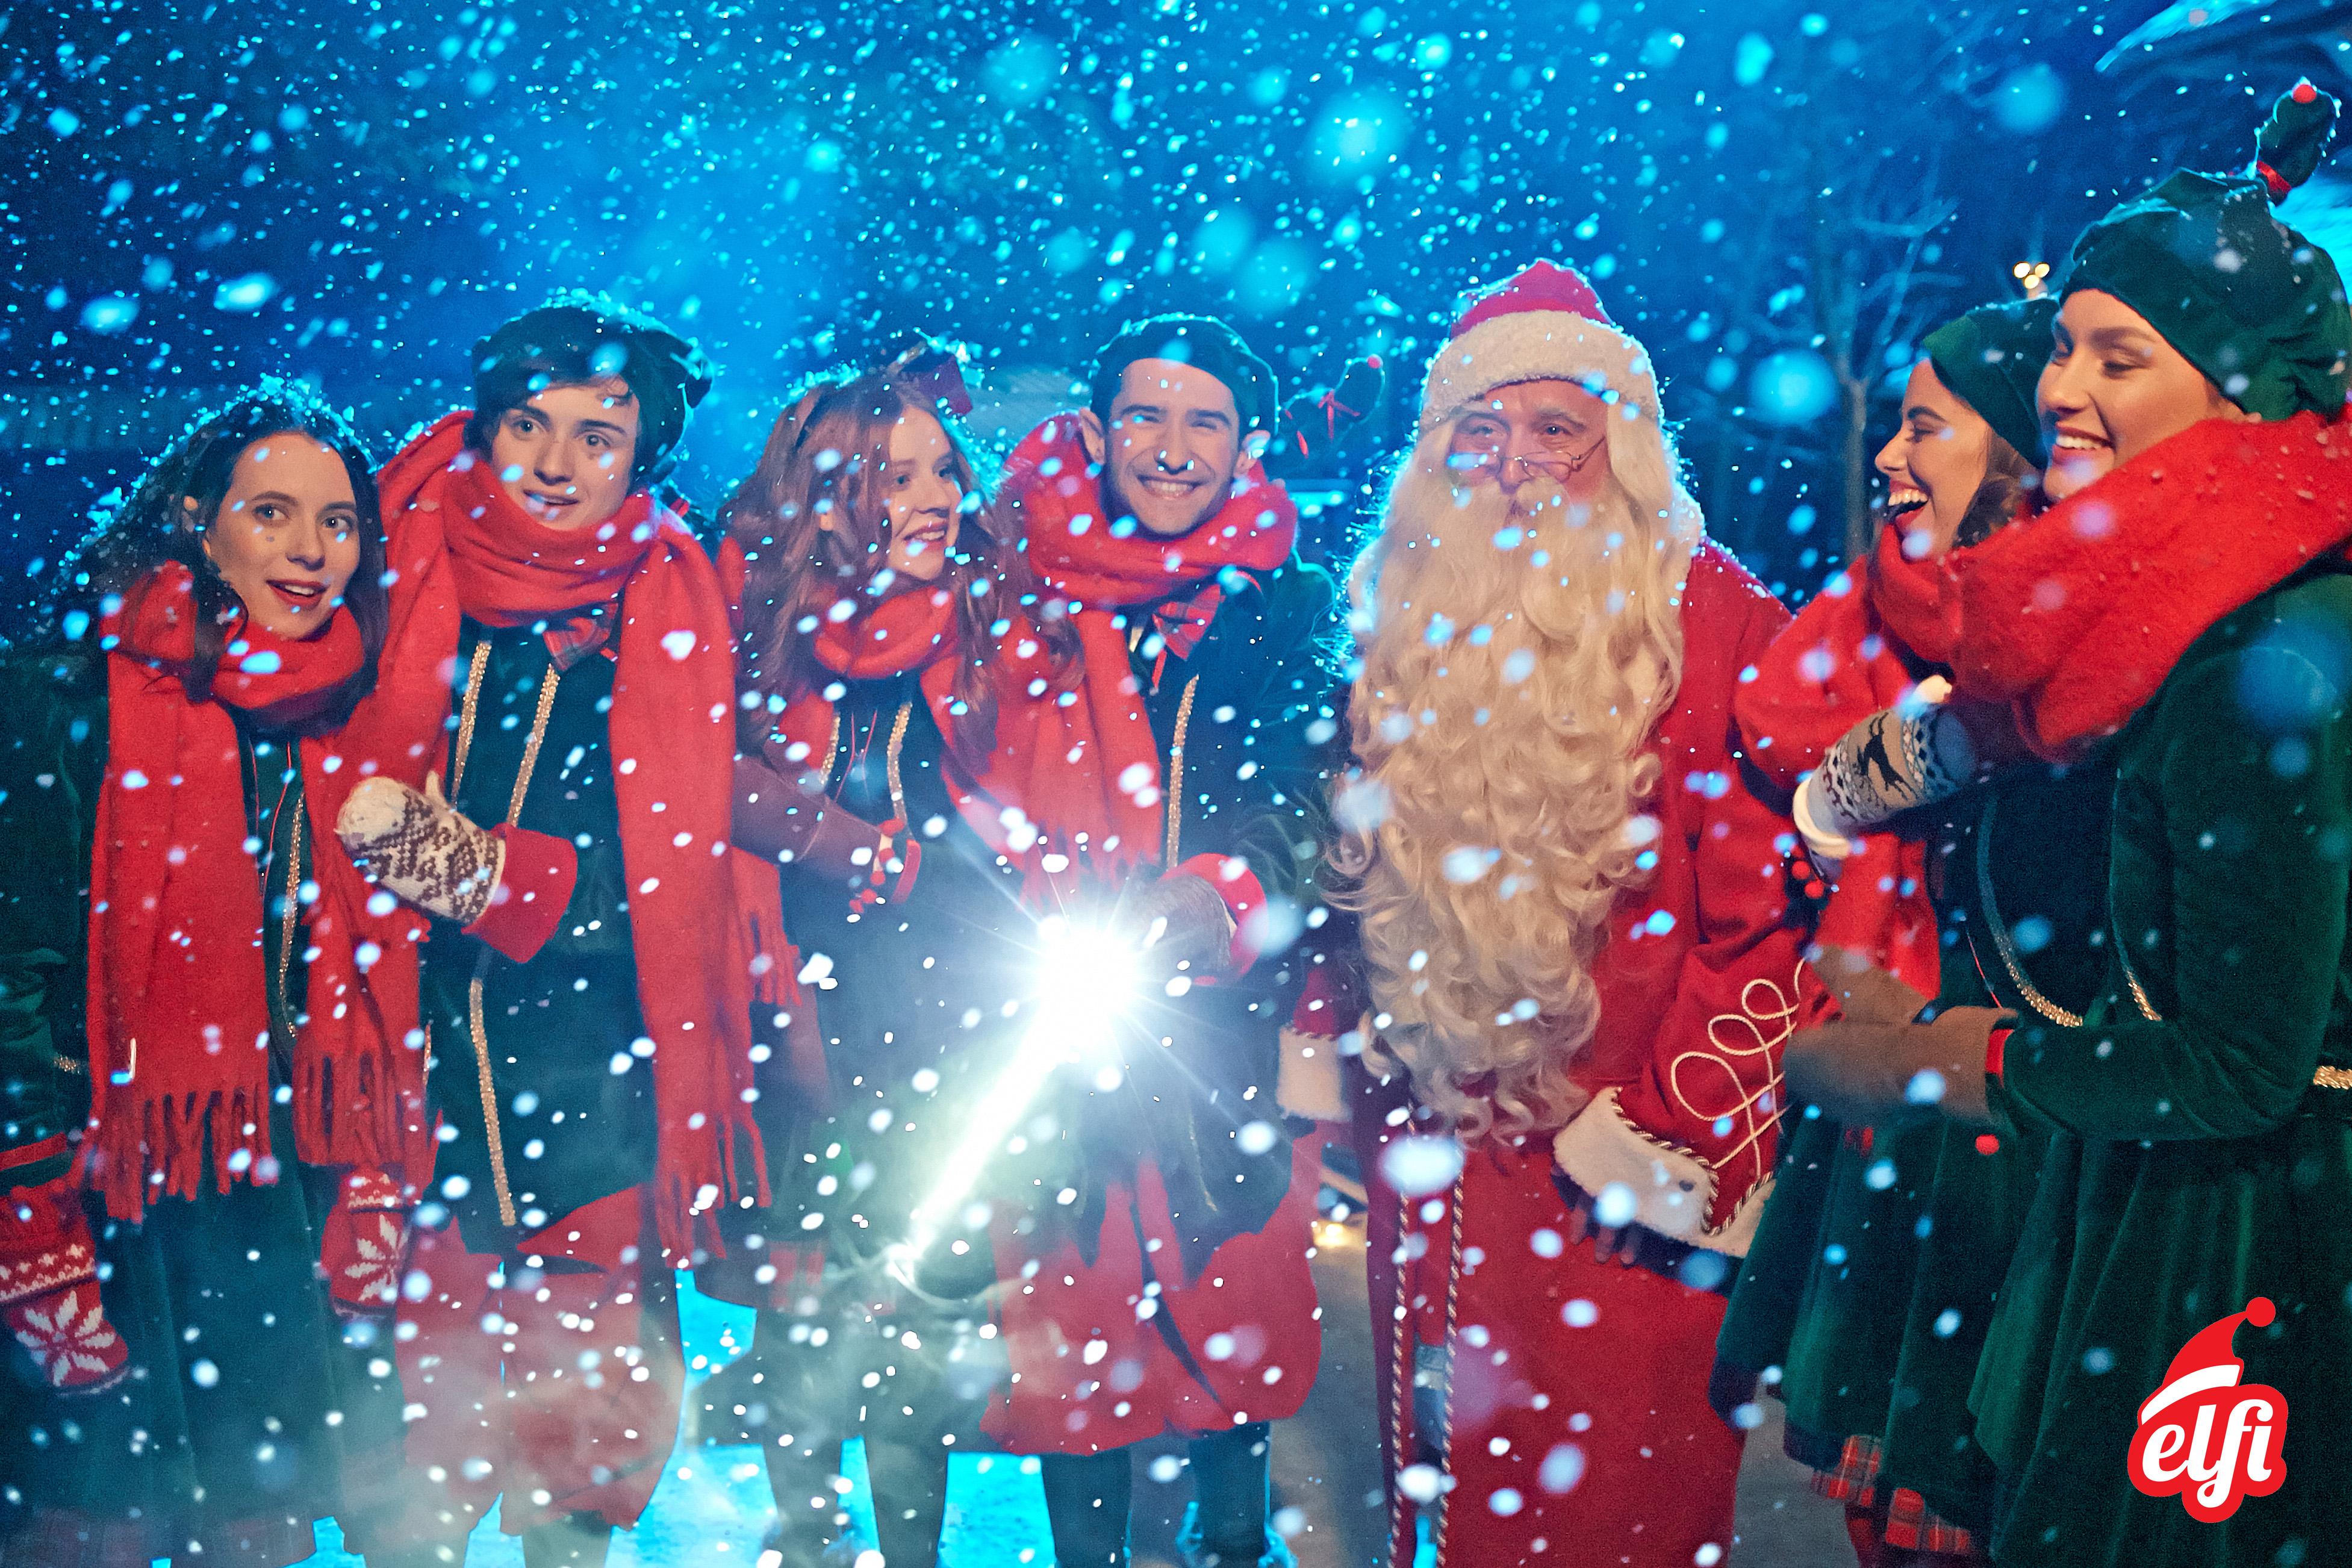 Perché celebriamo il Natale? - Elfisanta.it